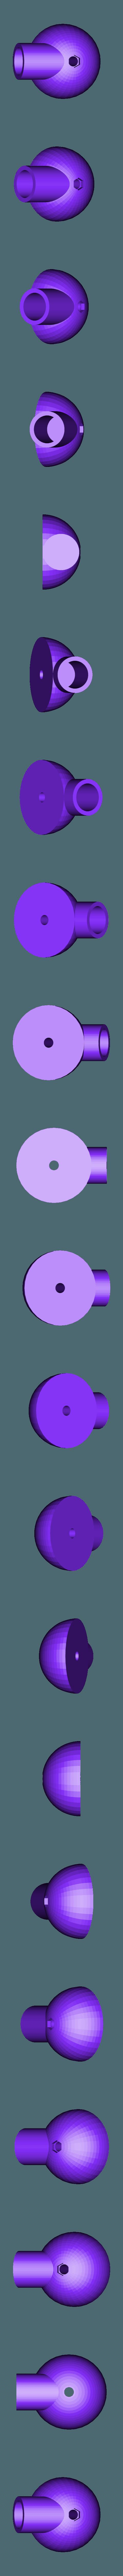 Luminaria_articulações.stl Download free STL file Luminária de parede • Object to 3D print, CircuitoMaker